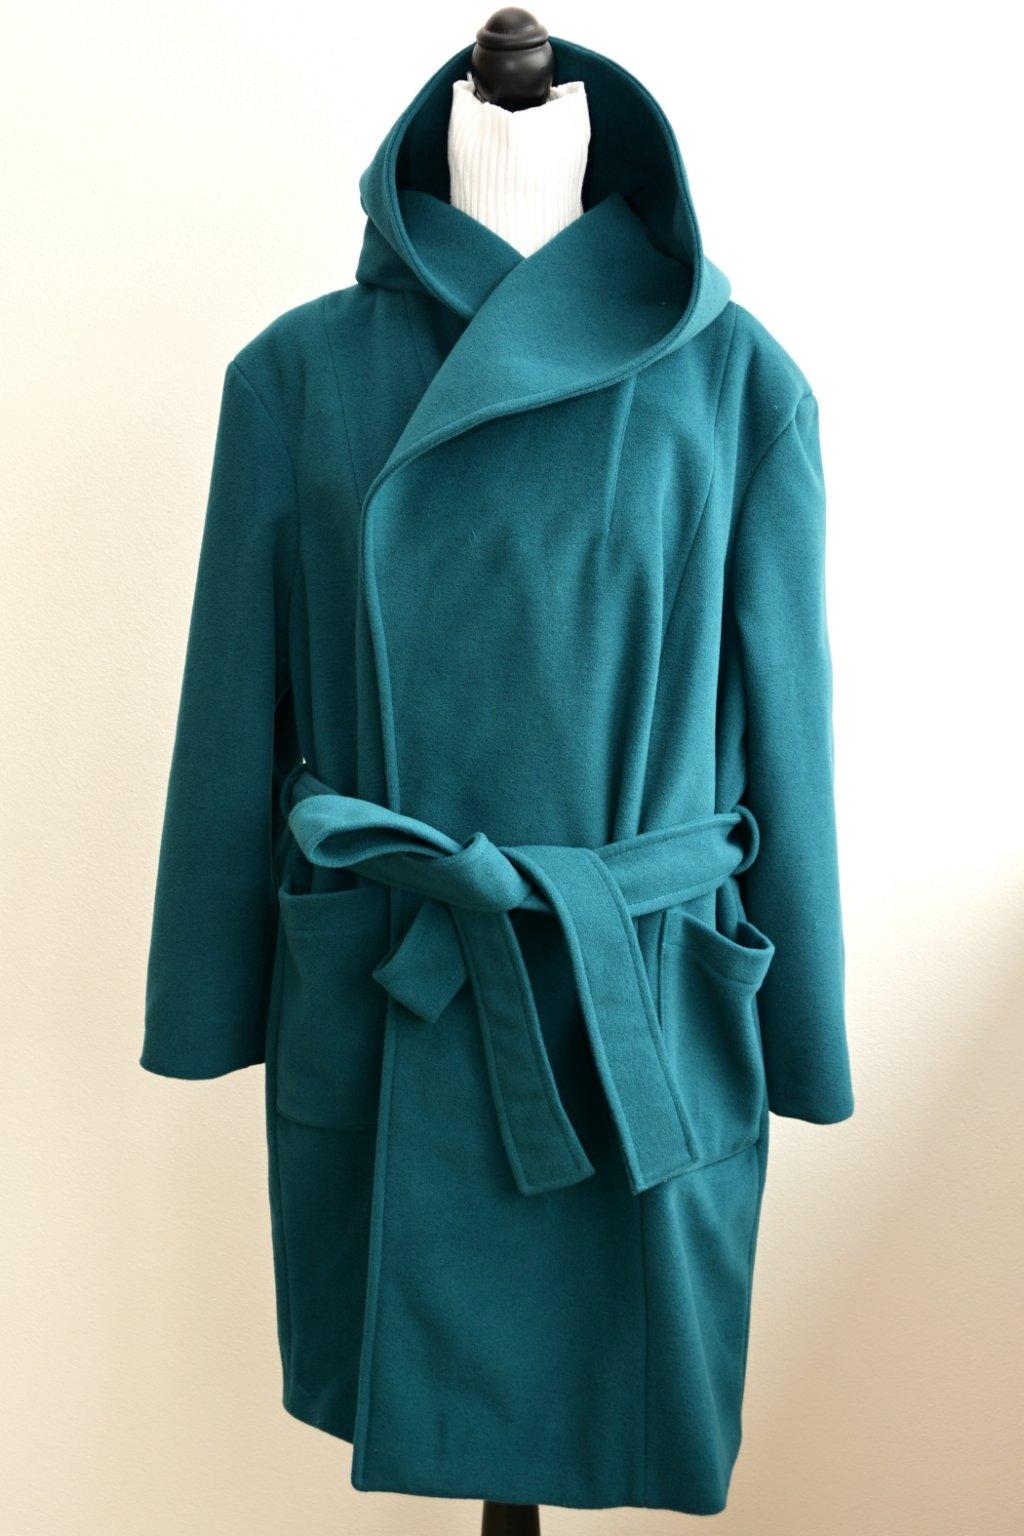 Vlněný kabát Royal s kašmírem 3